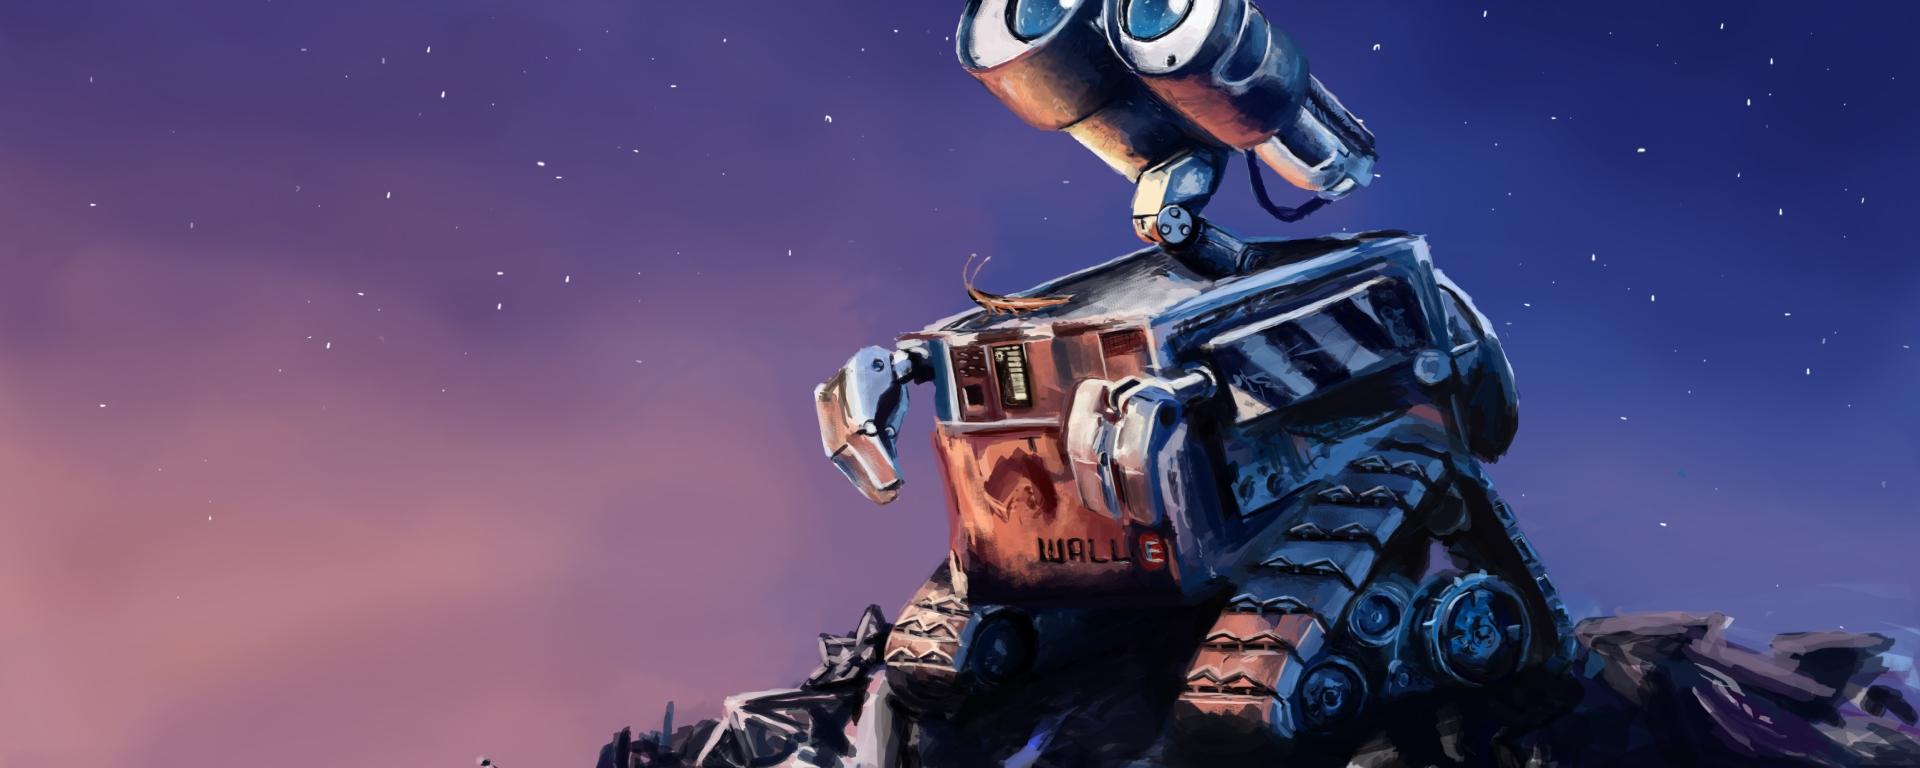 Wall-E - CineFatti